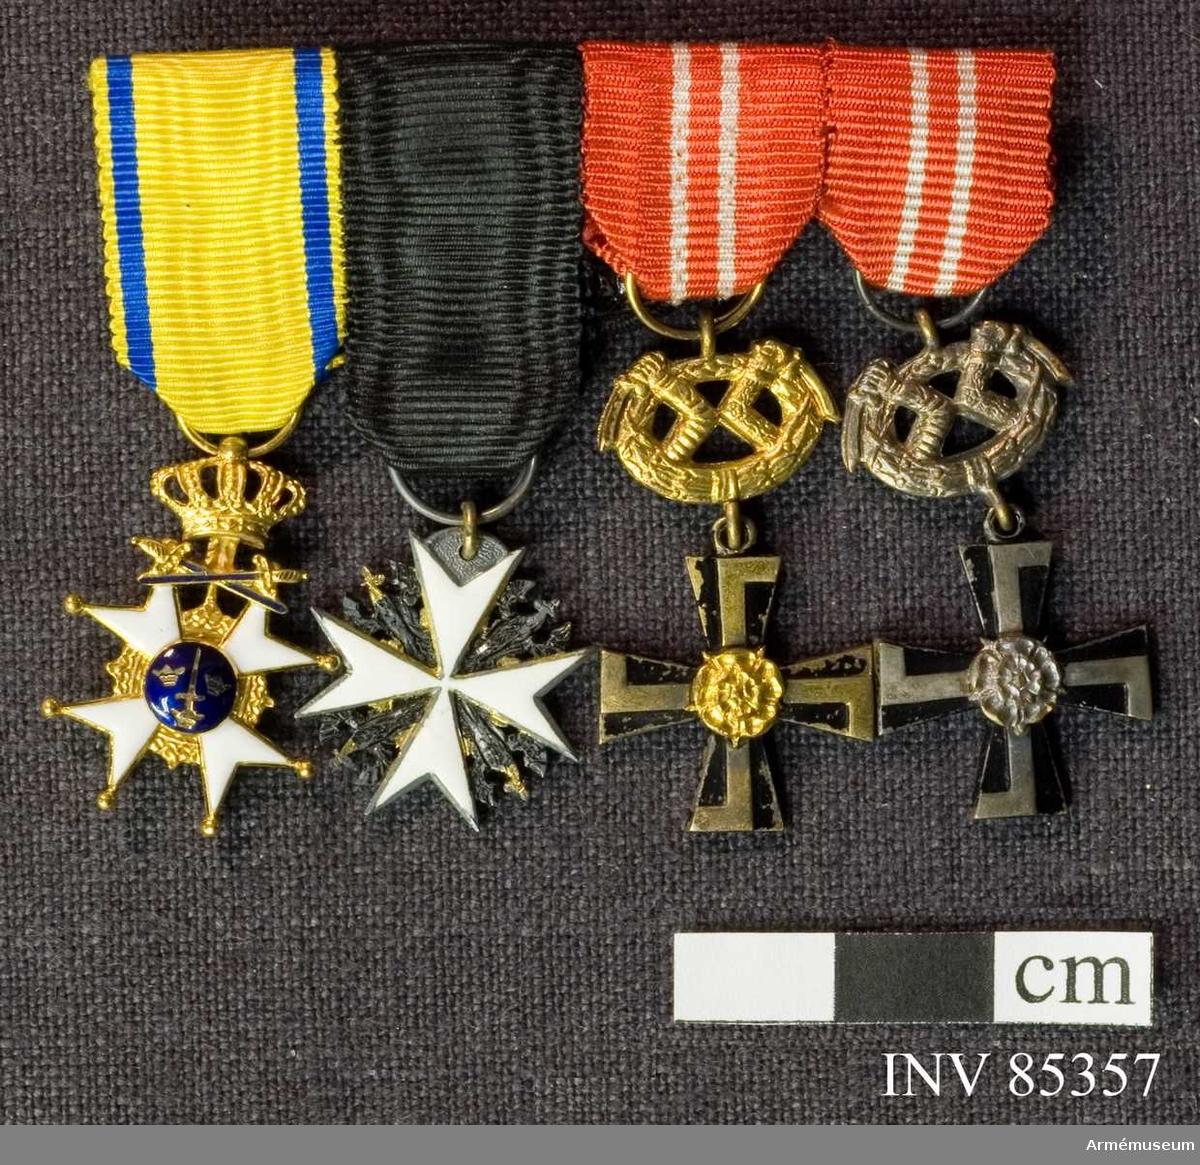 Grupp M II.  1. Riddare av kungl Svärdsorden. 1 kl. 2. Riddare av Johanniterorden (Brandenburg). 3. Finska Frihetskorset 3 kl med svärd. 4. Finska frihetskorset 4 kl med svärd.